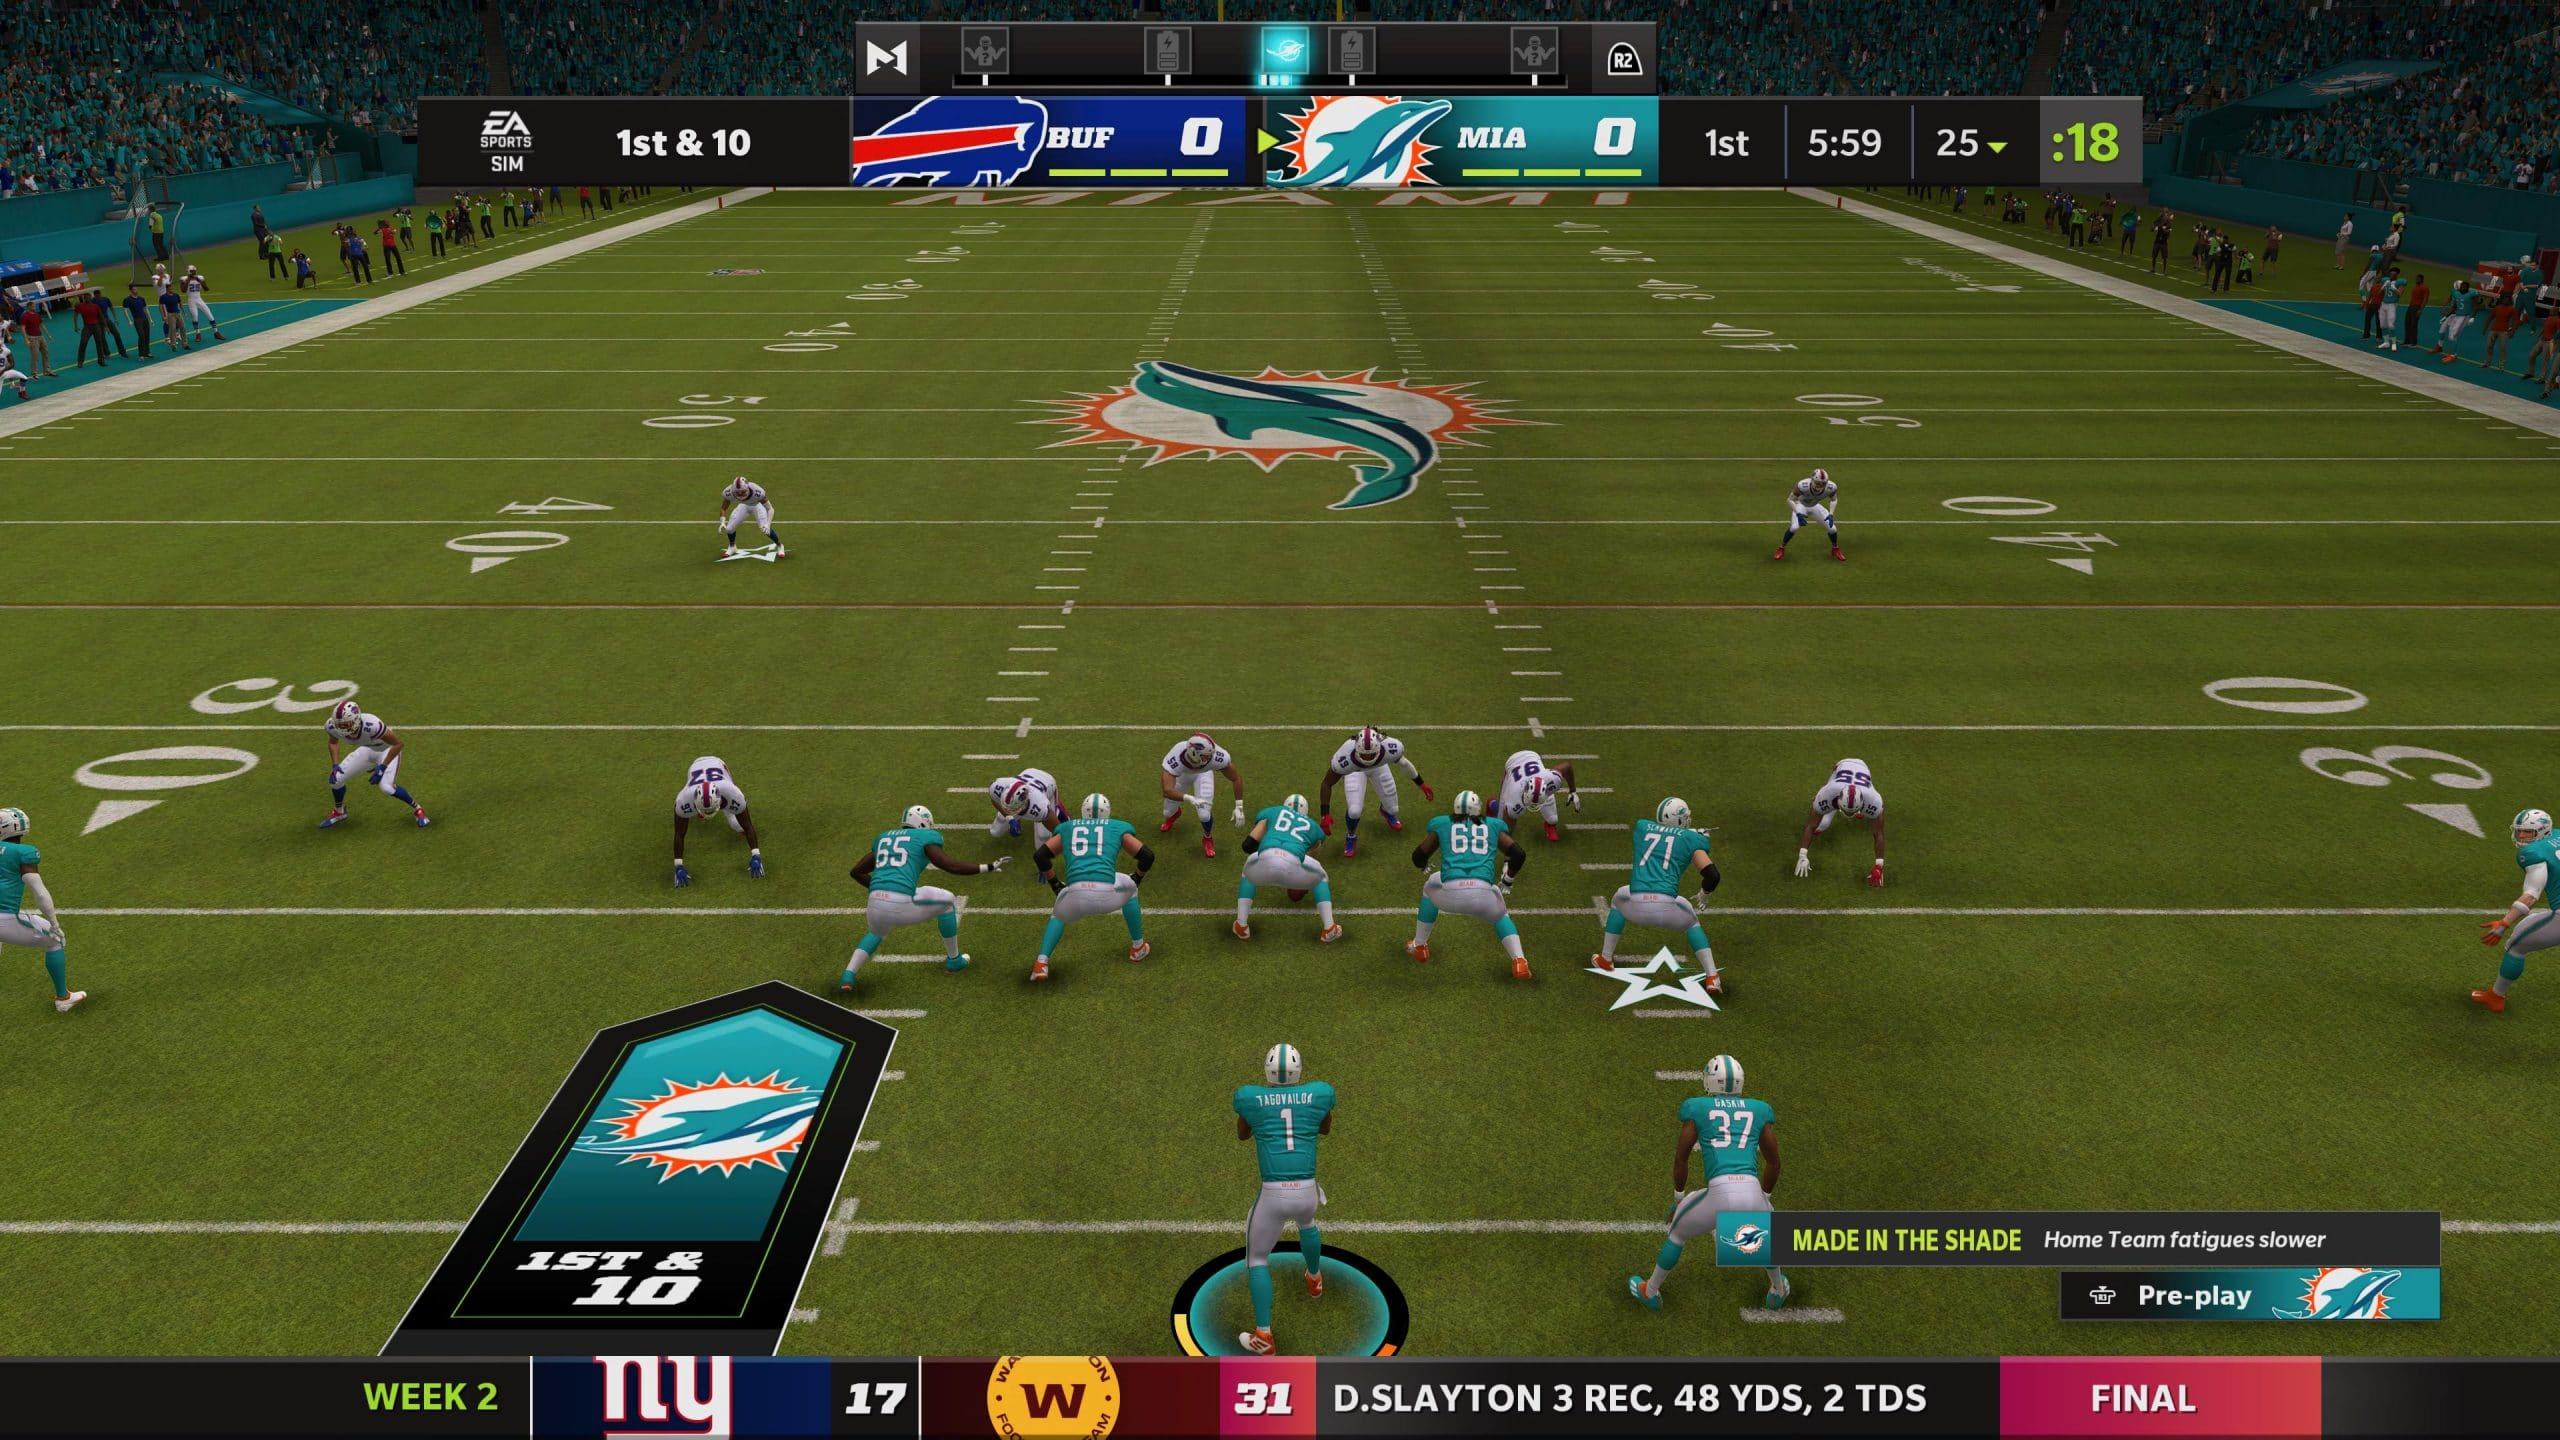 Jogabilidade é a mesma de sempre em Madden NFL 22